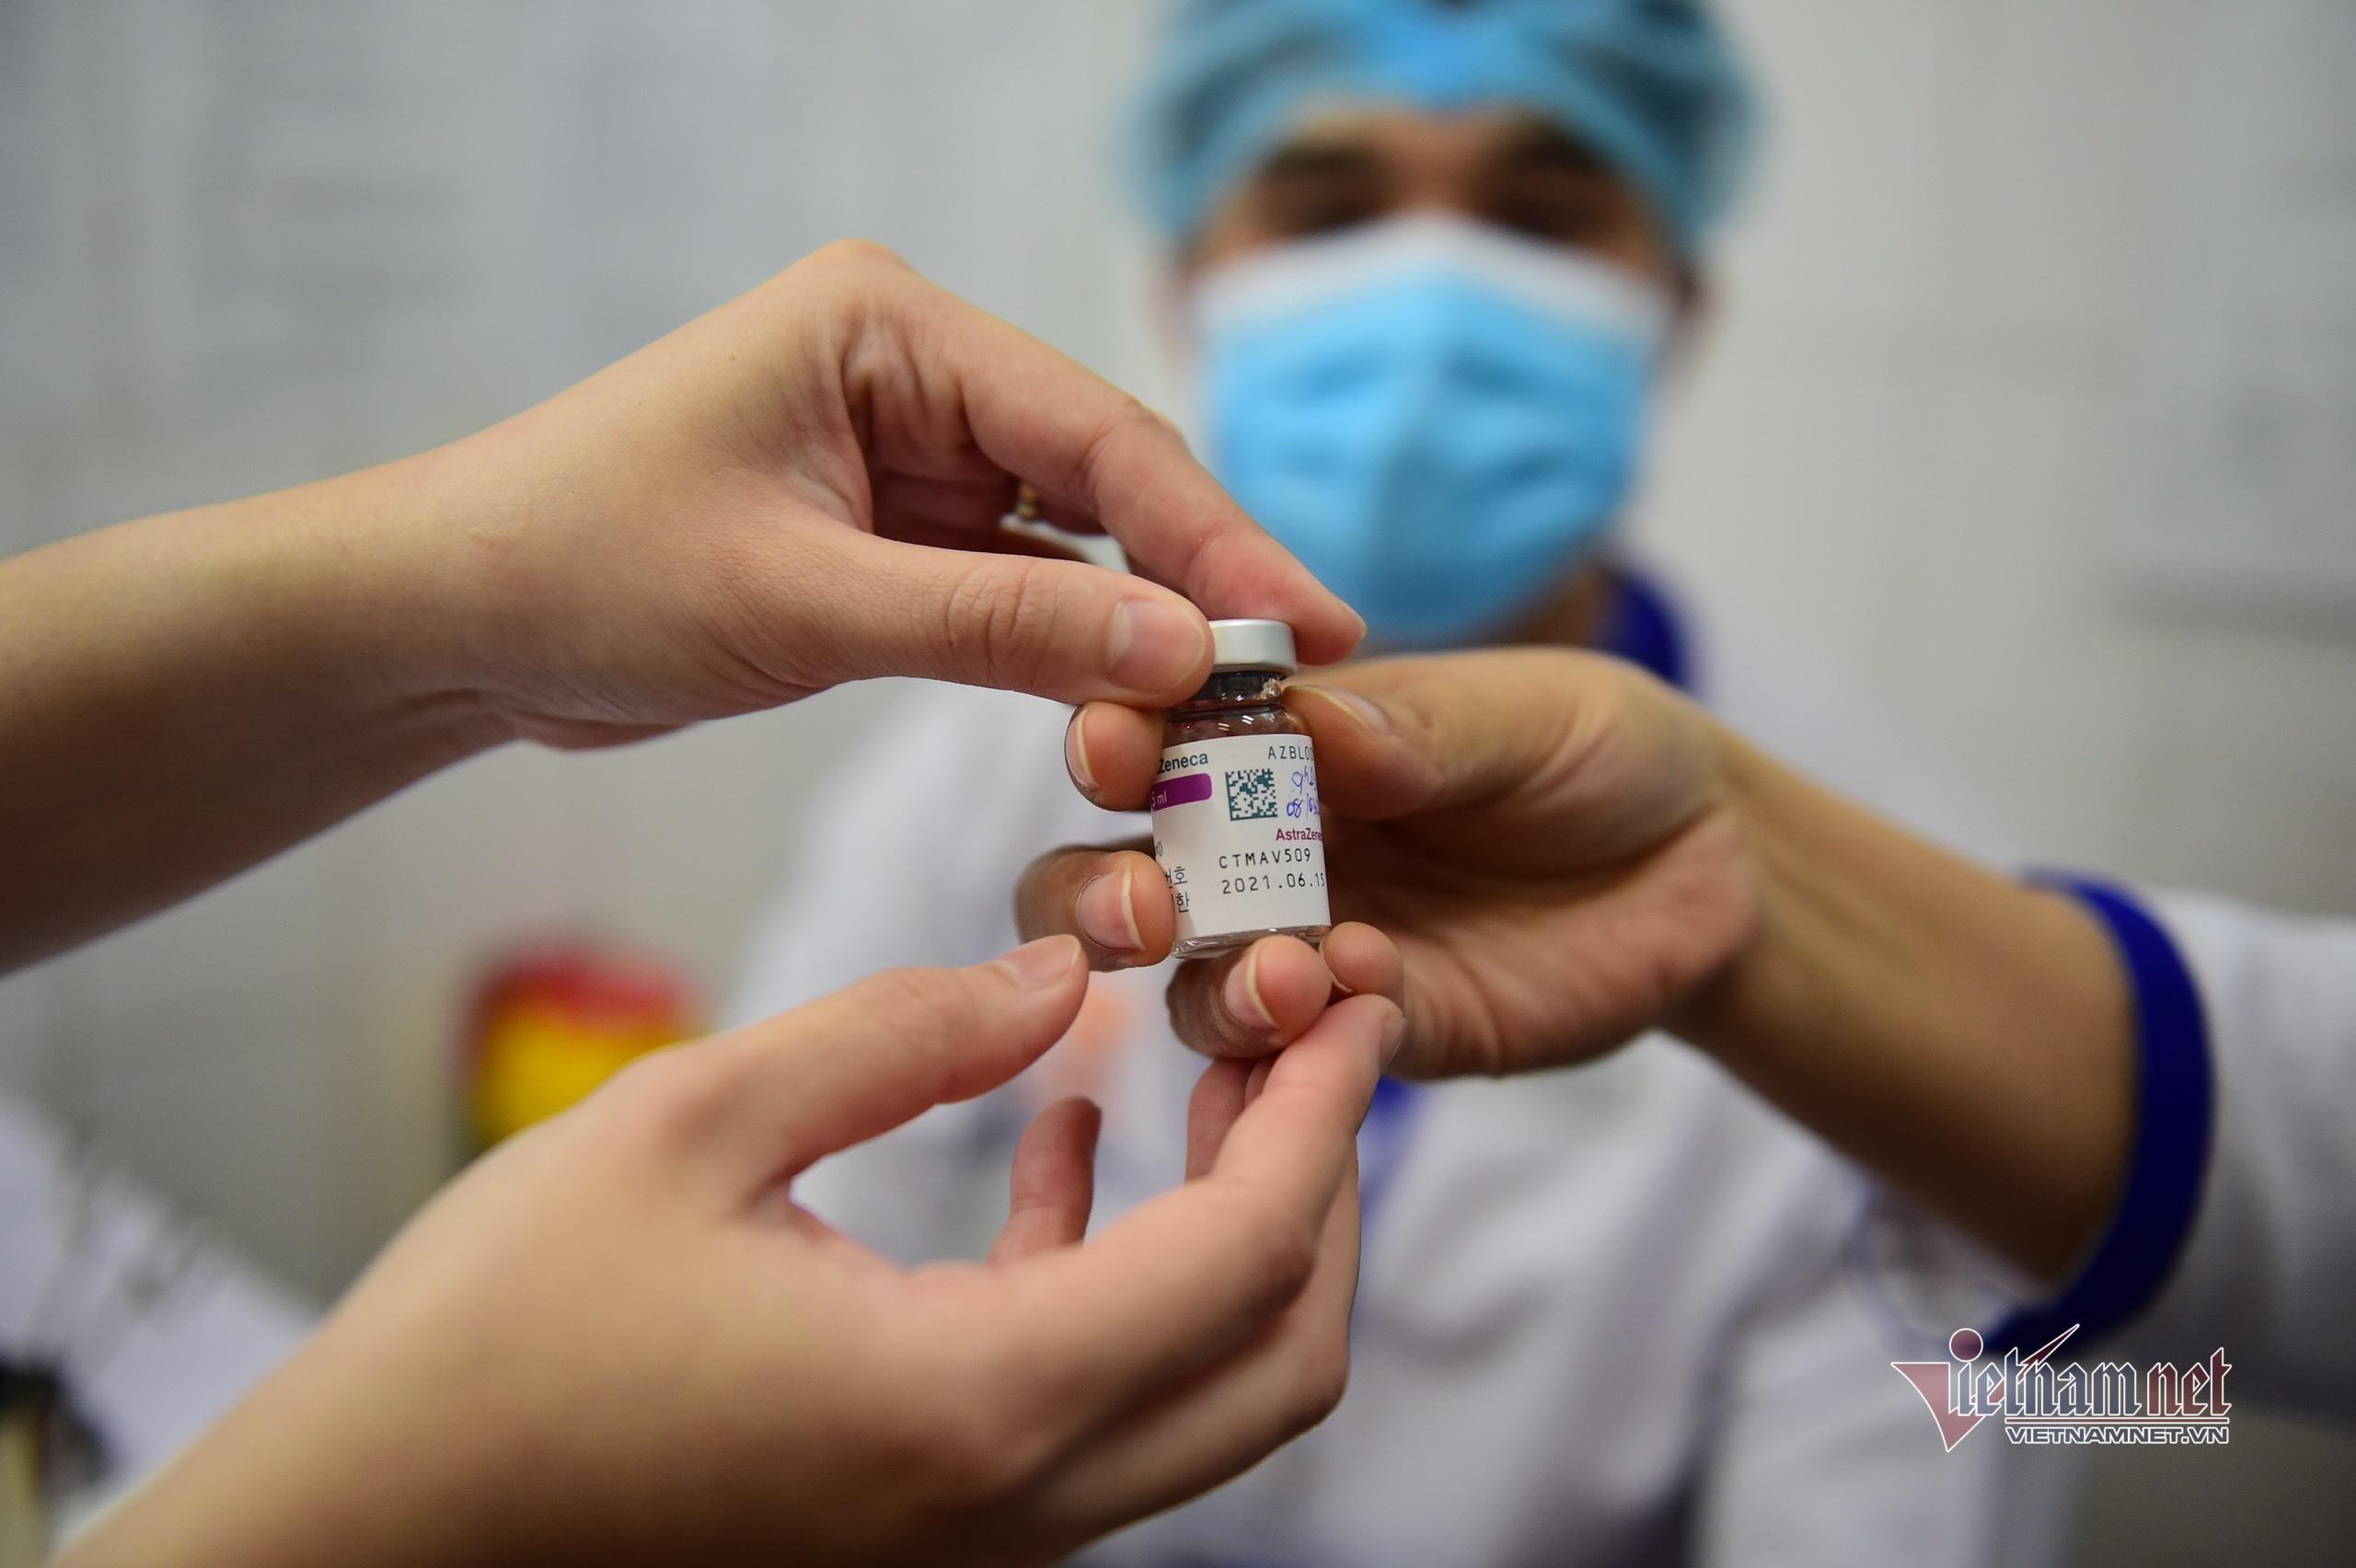 Thủ tướng Phạm Minh Chính dự lễ ra mắt Quỹ Vắc xin phòng chống Covid-19